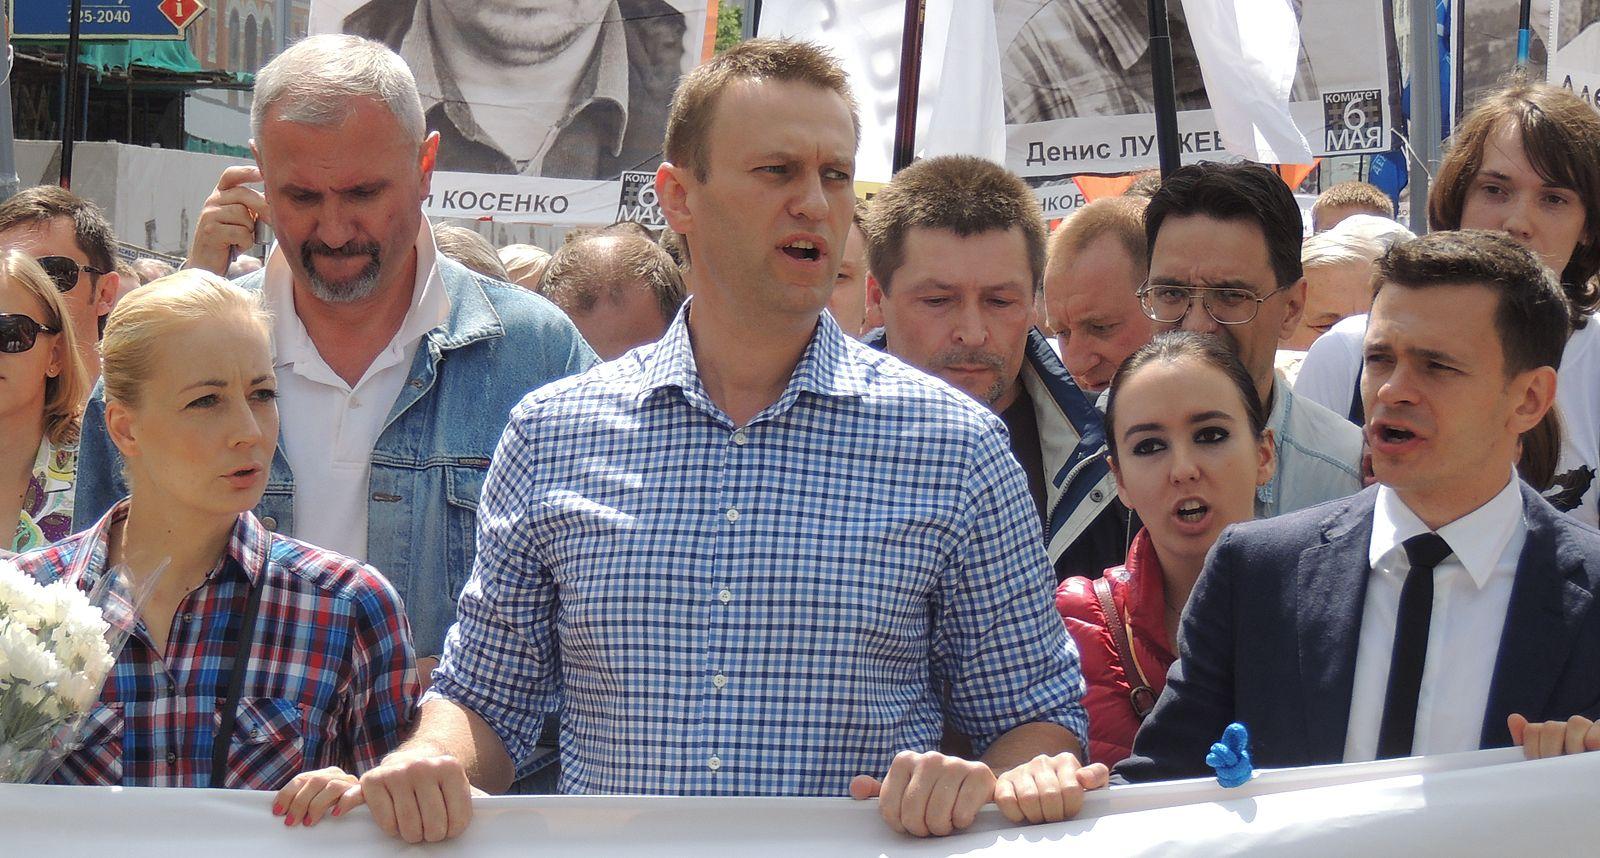 Yulia_Navalny,_Alexey_Navalny,_Anna_Veduta_and_Ilya_Yashin_at_Moscow_rally_2013-06-12_1.JPG